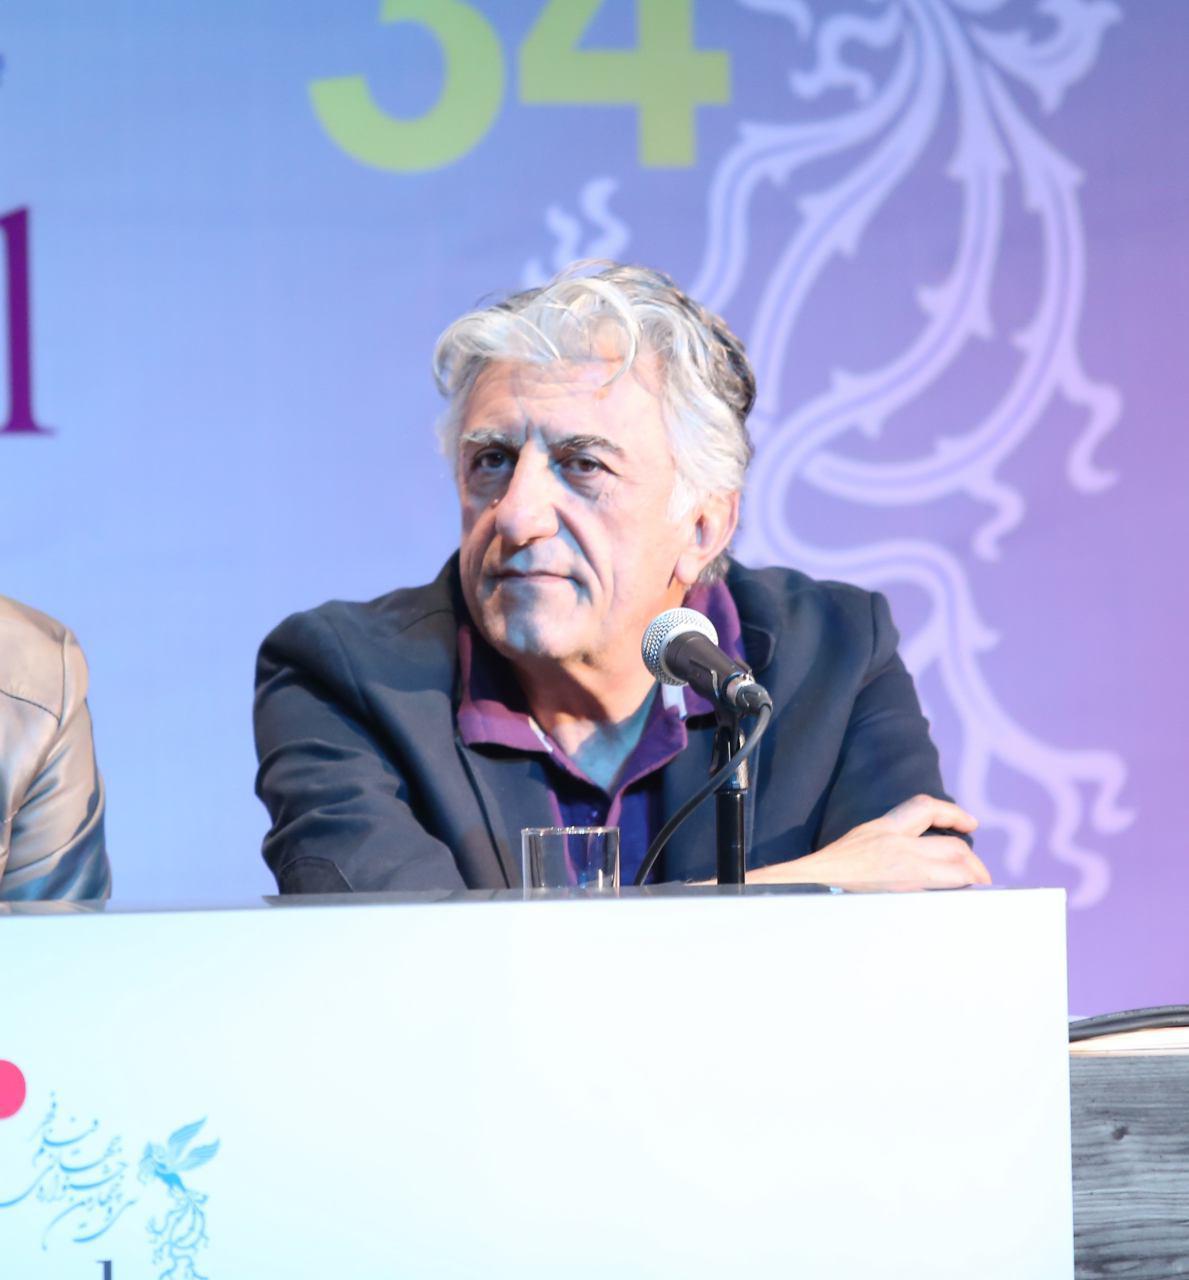 کیانیان: شرق نیازمند یک جشنواره قوی است